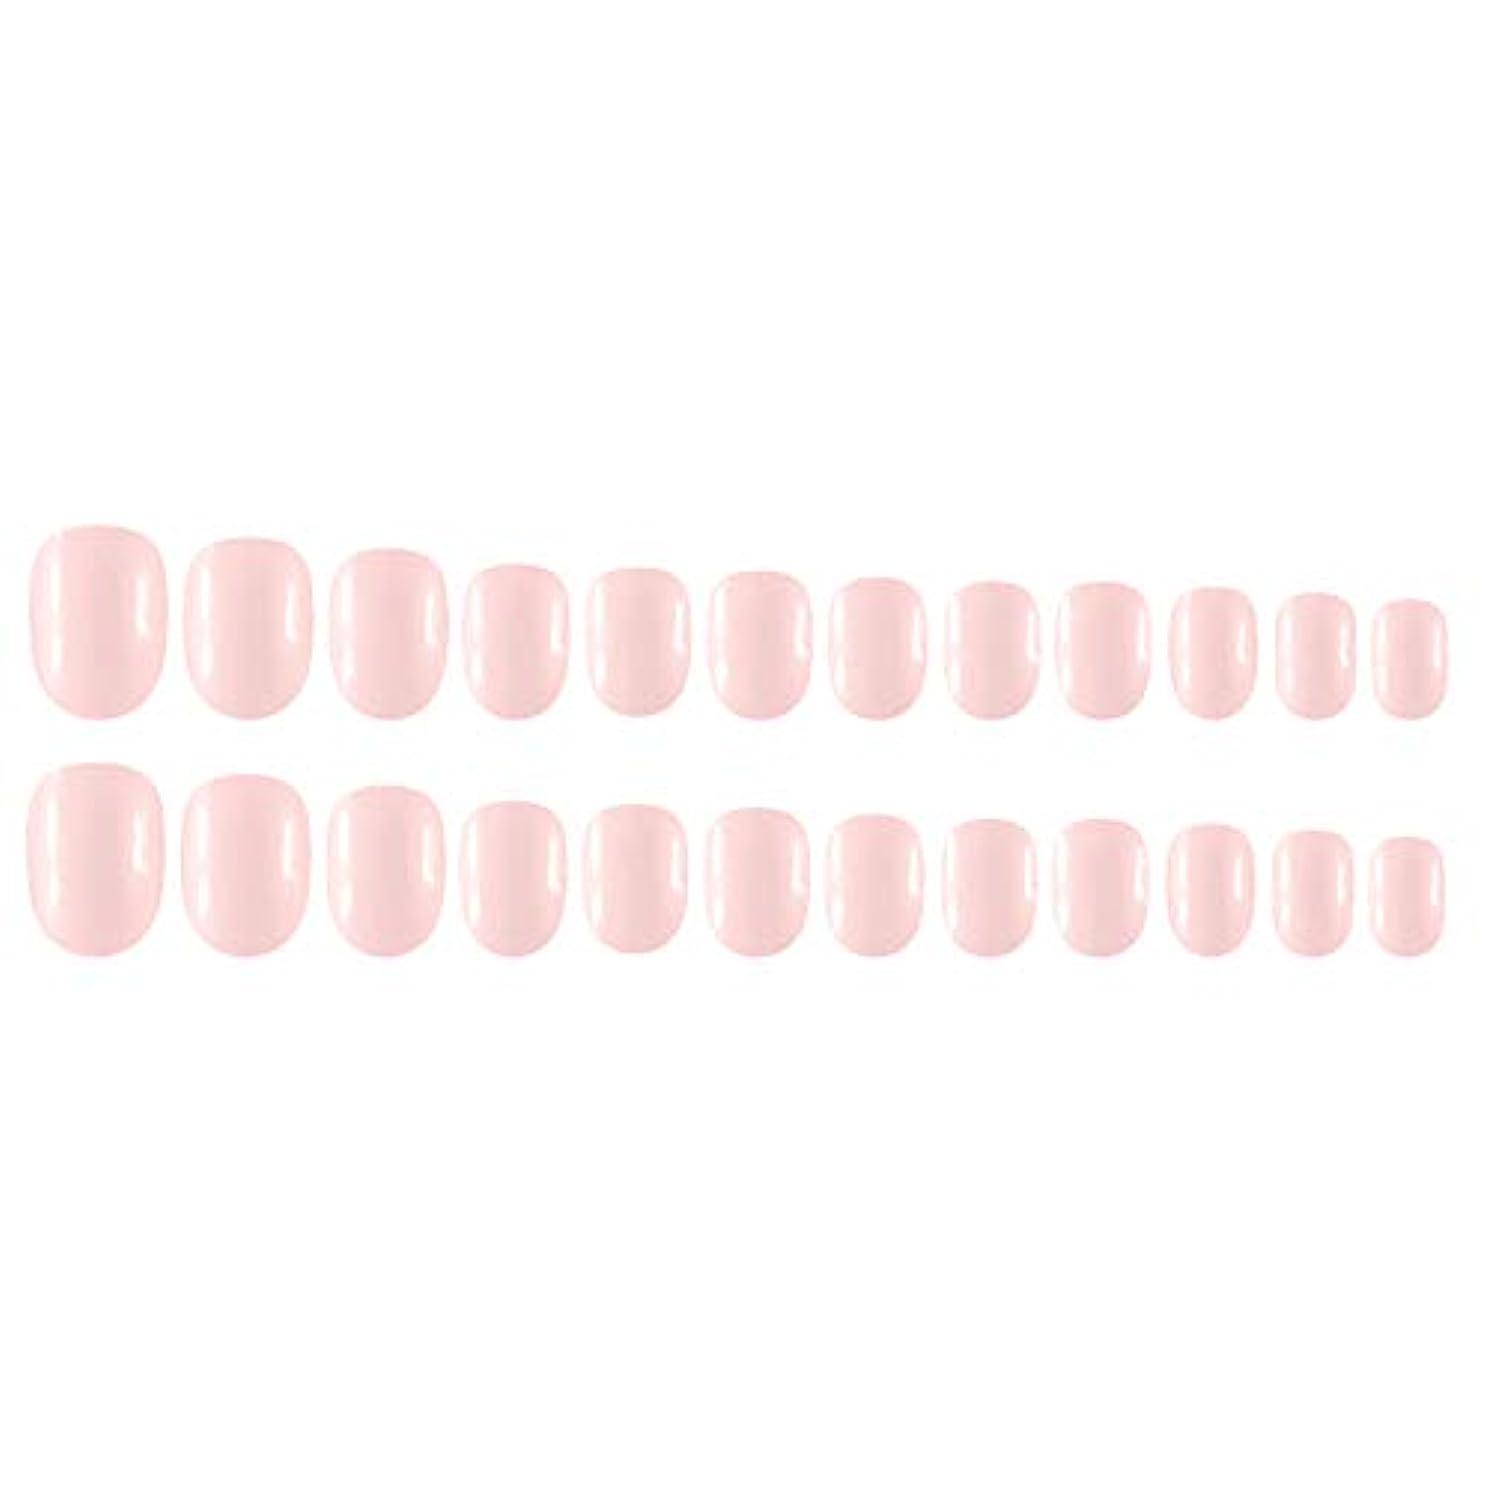 選挙目の前のバッテリーDecdeal Decdeal ネイルチップ 24ピース 12異なるサイズ diy サロン ネイルアートツール 偽